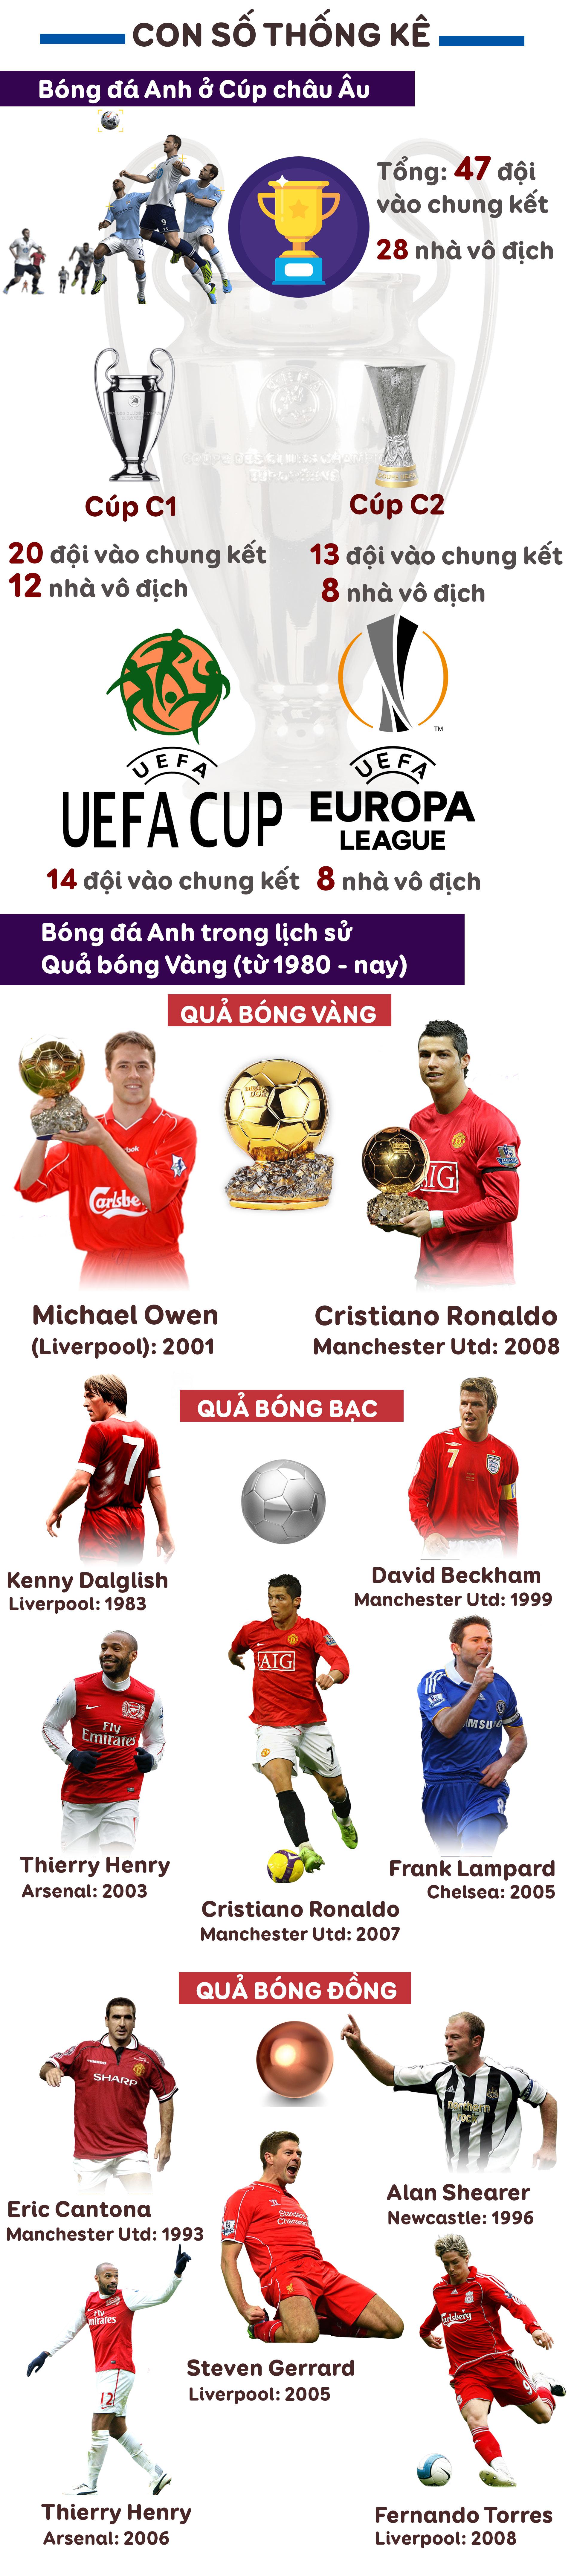 Ngoại hạng Anh 10 năm giấc mơ bóng vàng: Siêu anh hùng kế tục Ronaldo, anh là ai? - 14